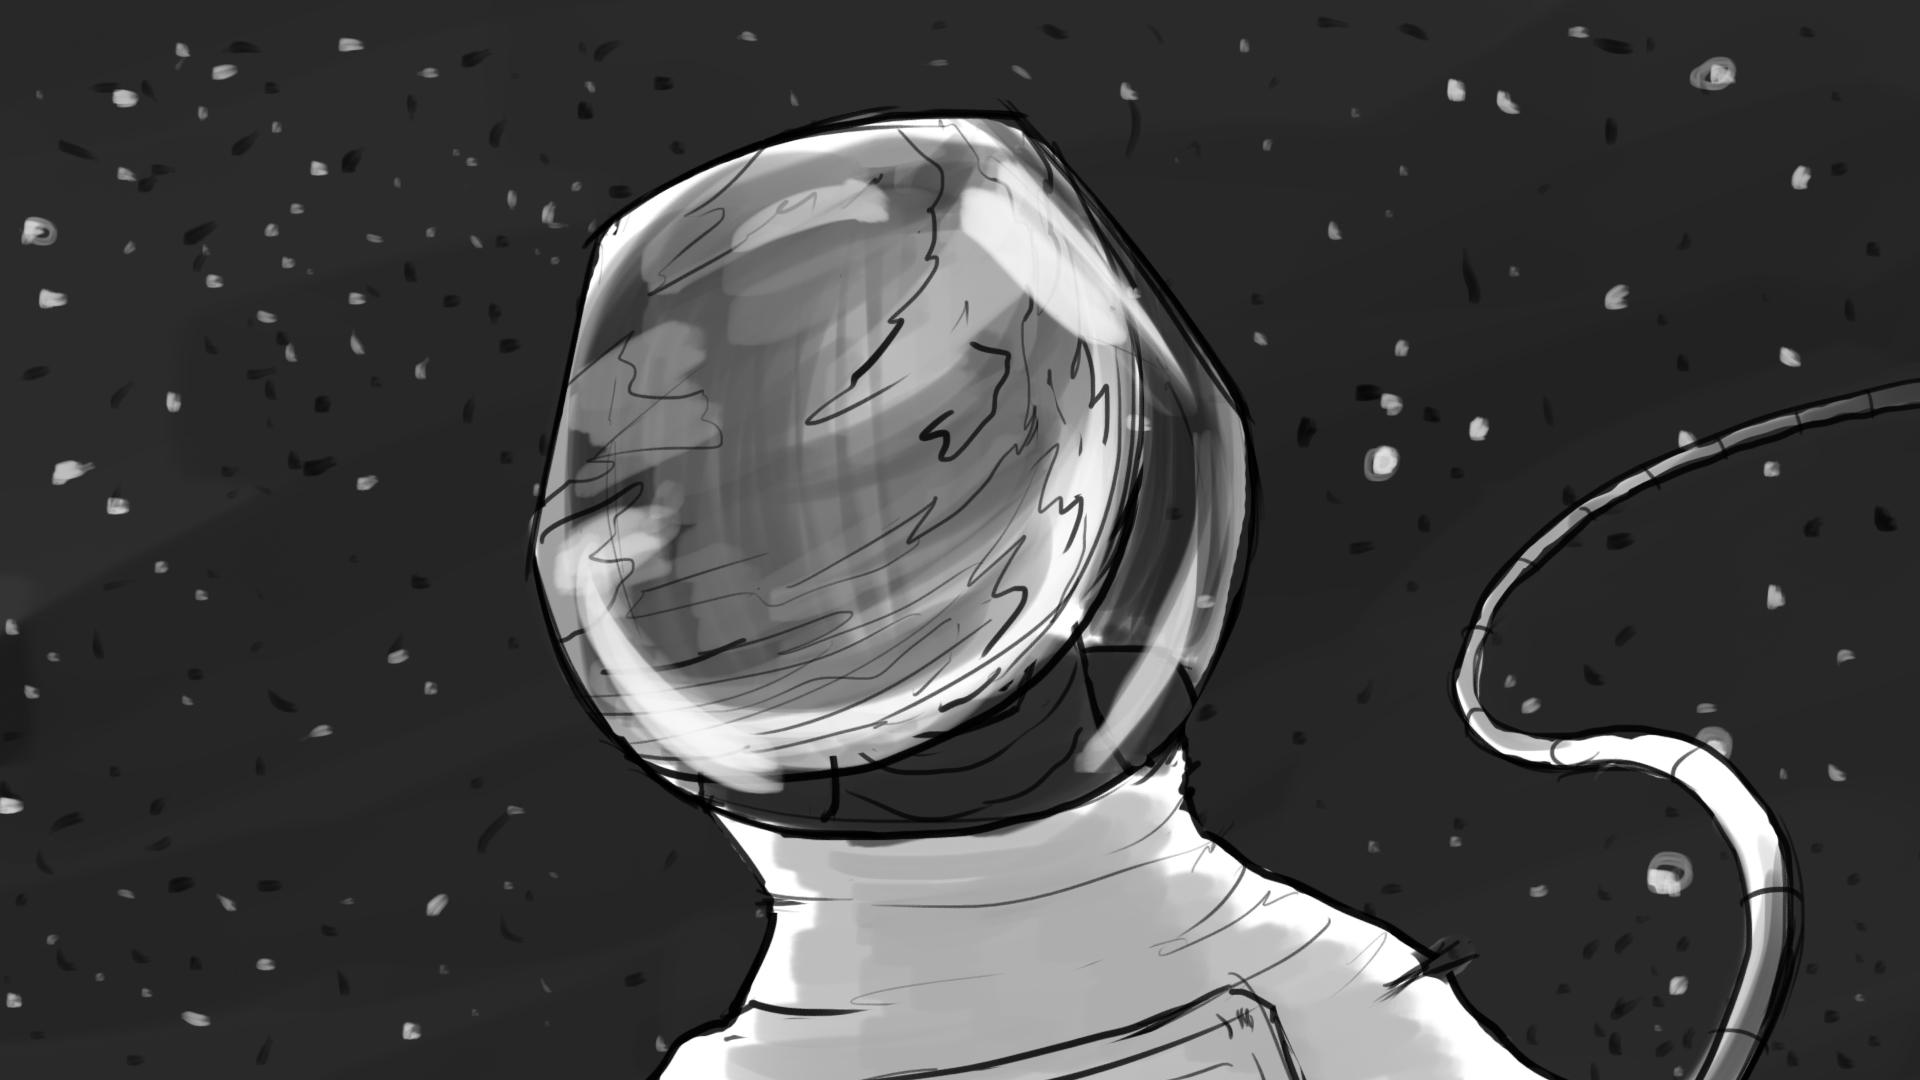 Rocket_Man_Storyboard_Artboard 9.jpg